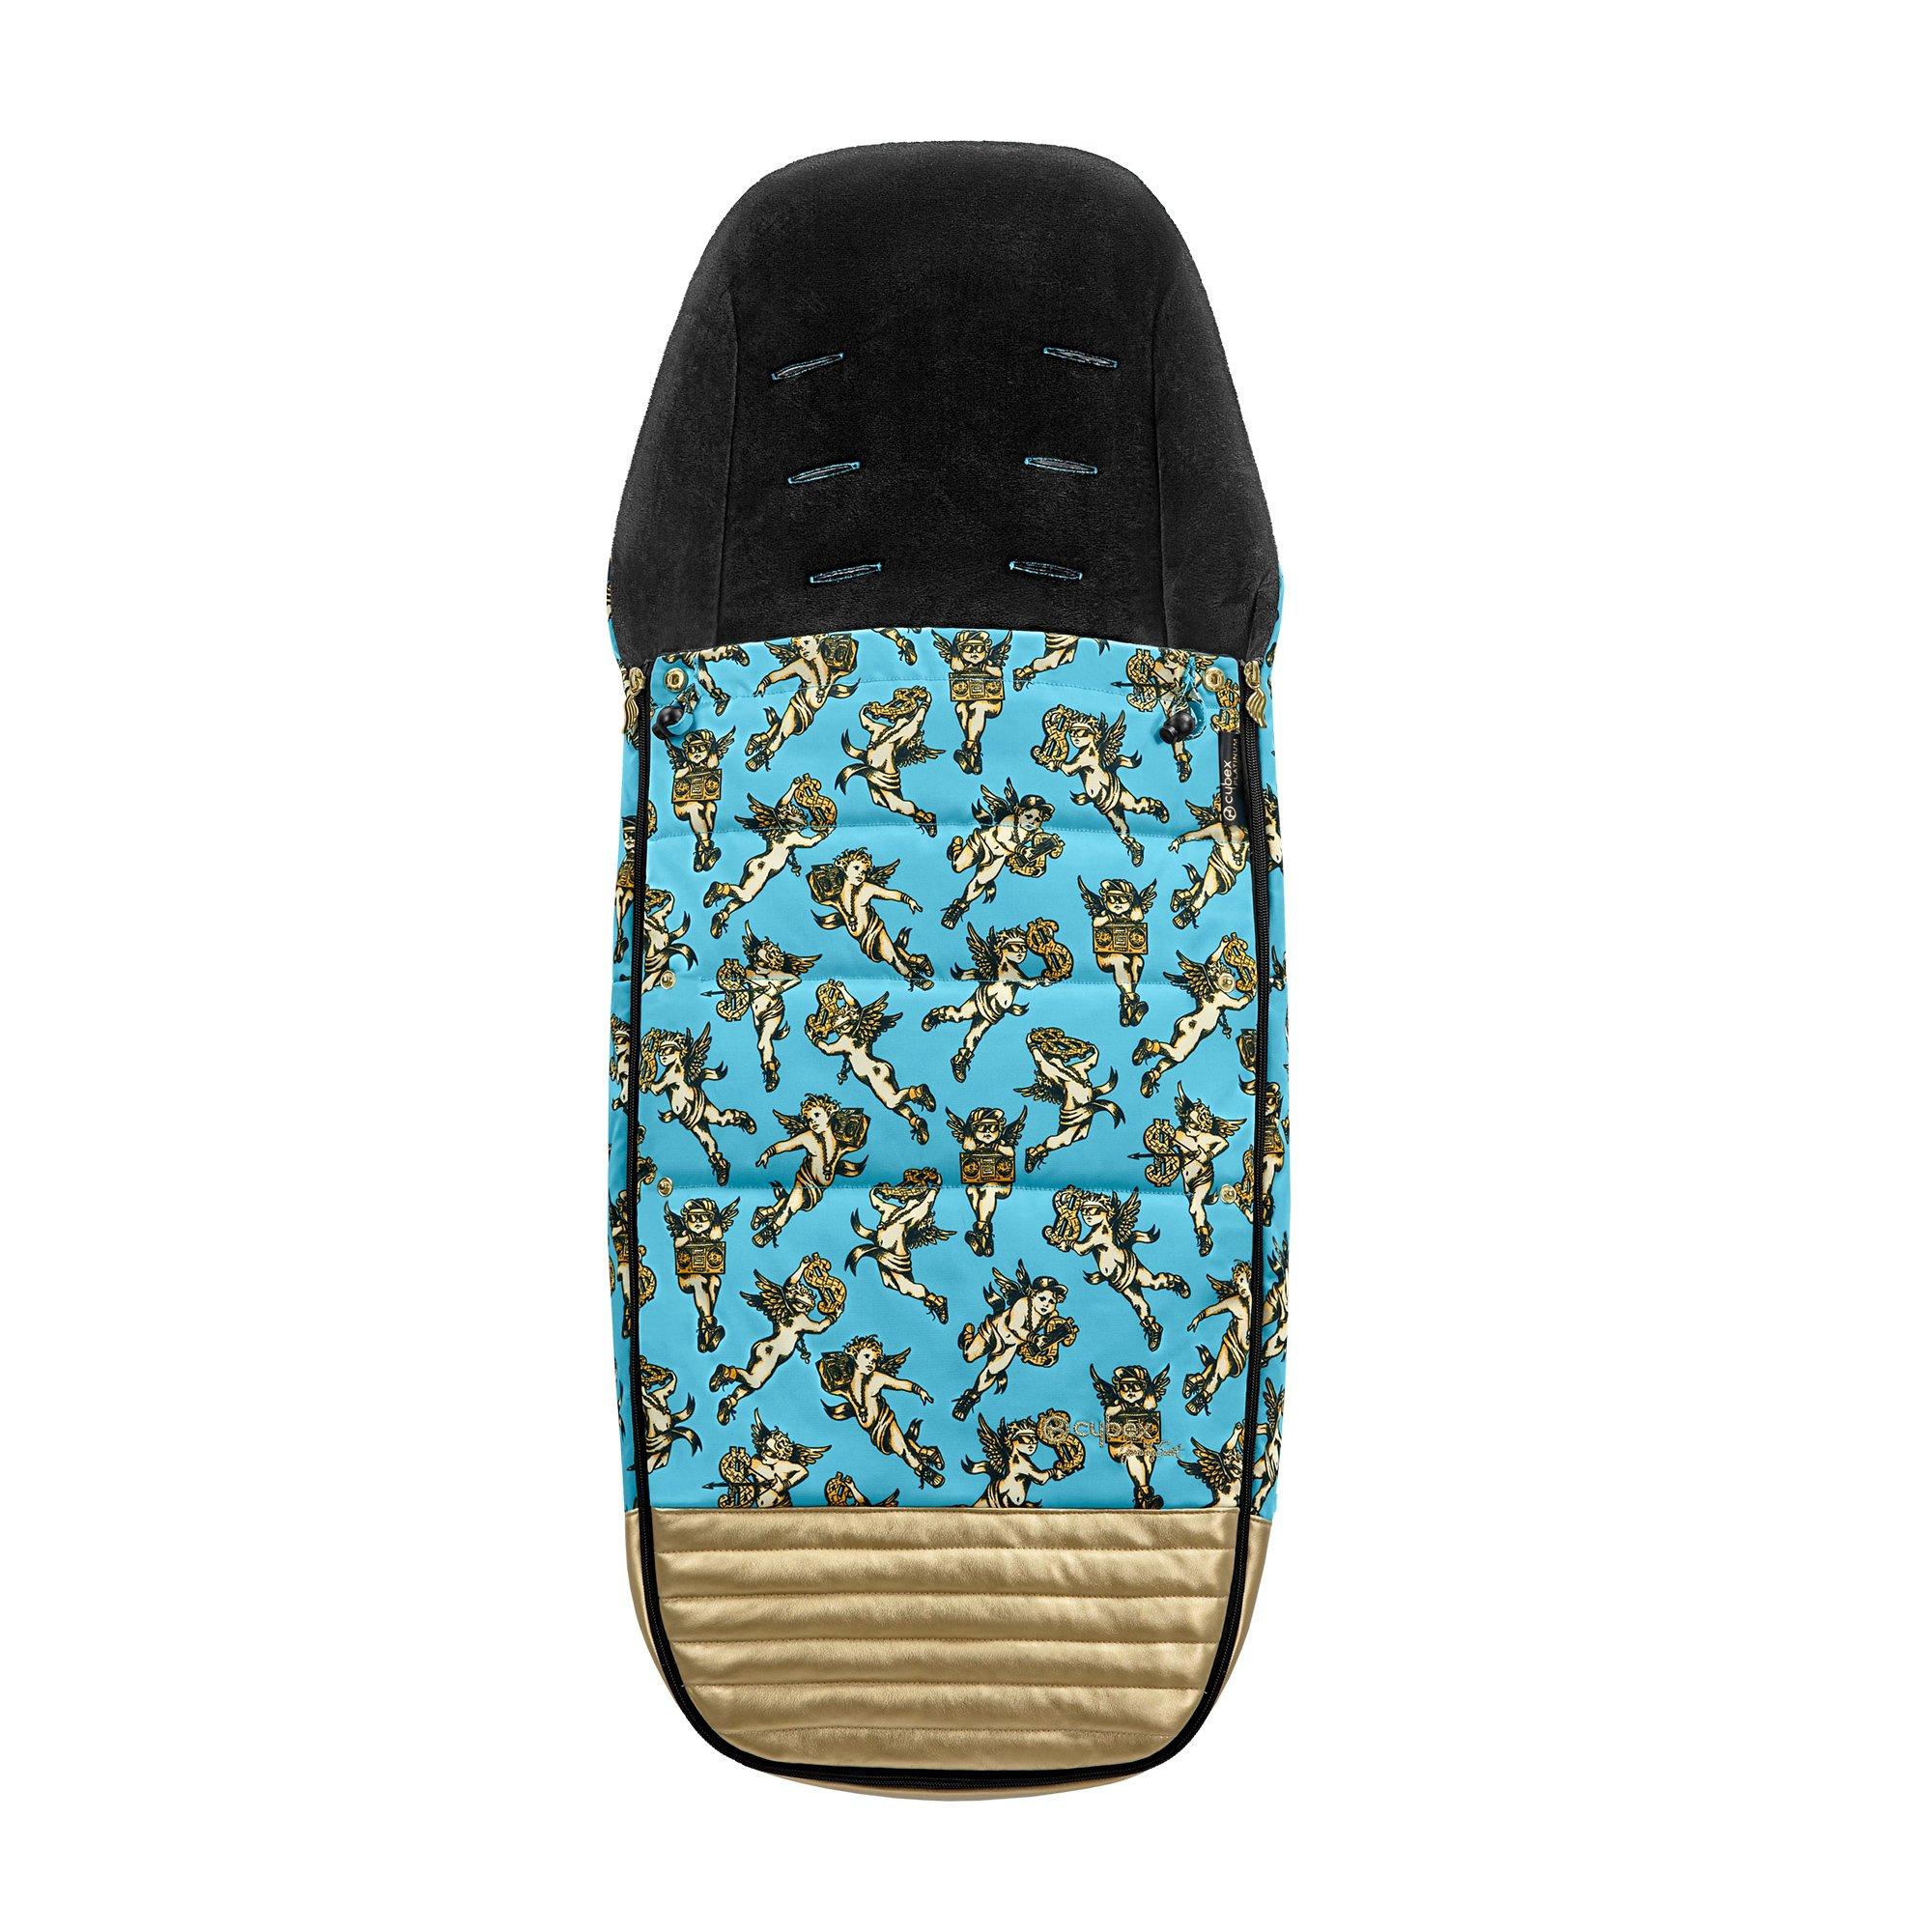 Bērnu ratu guļammaiss Cybex FOOTMUFF Cherub Blue by Jeremy Scott